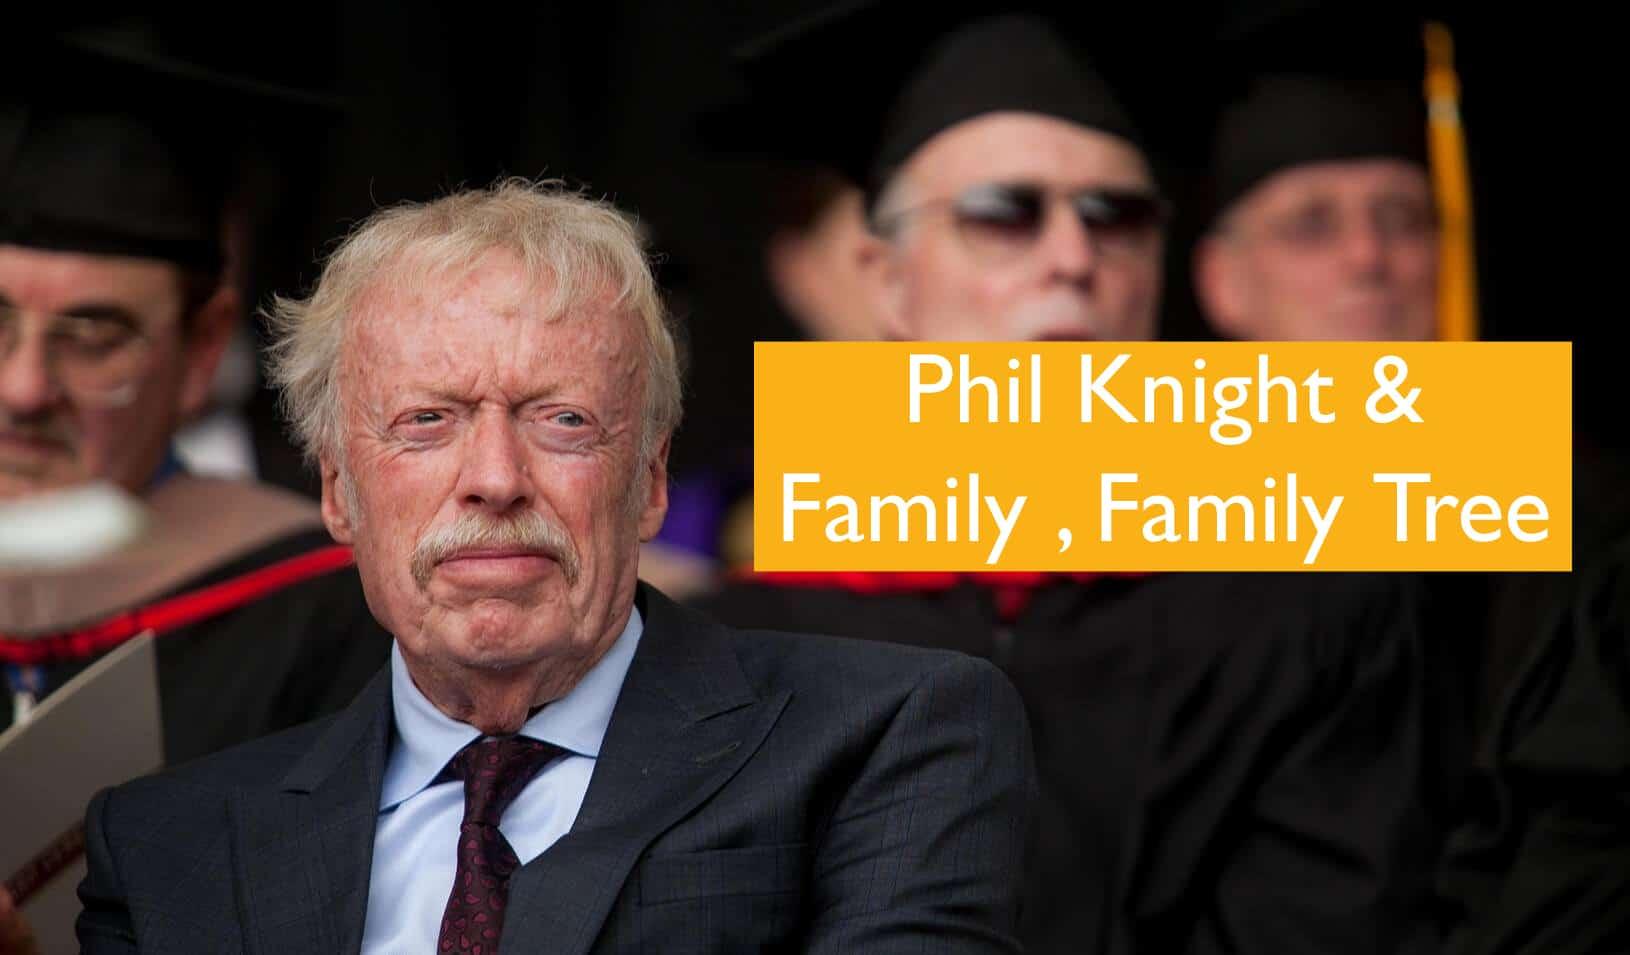 phil knight bio & Family